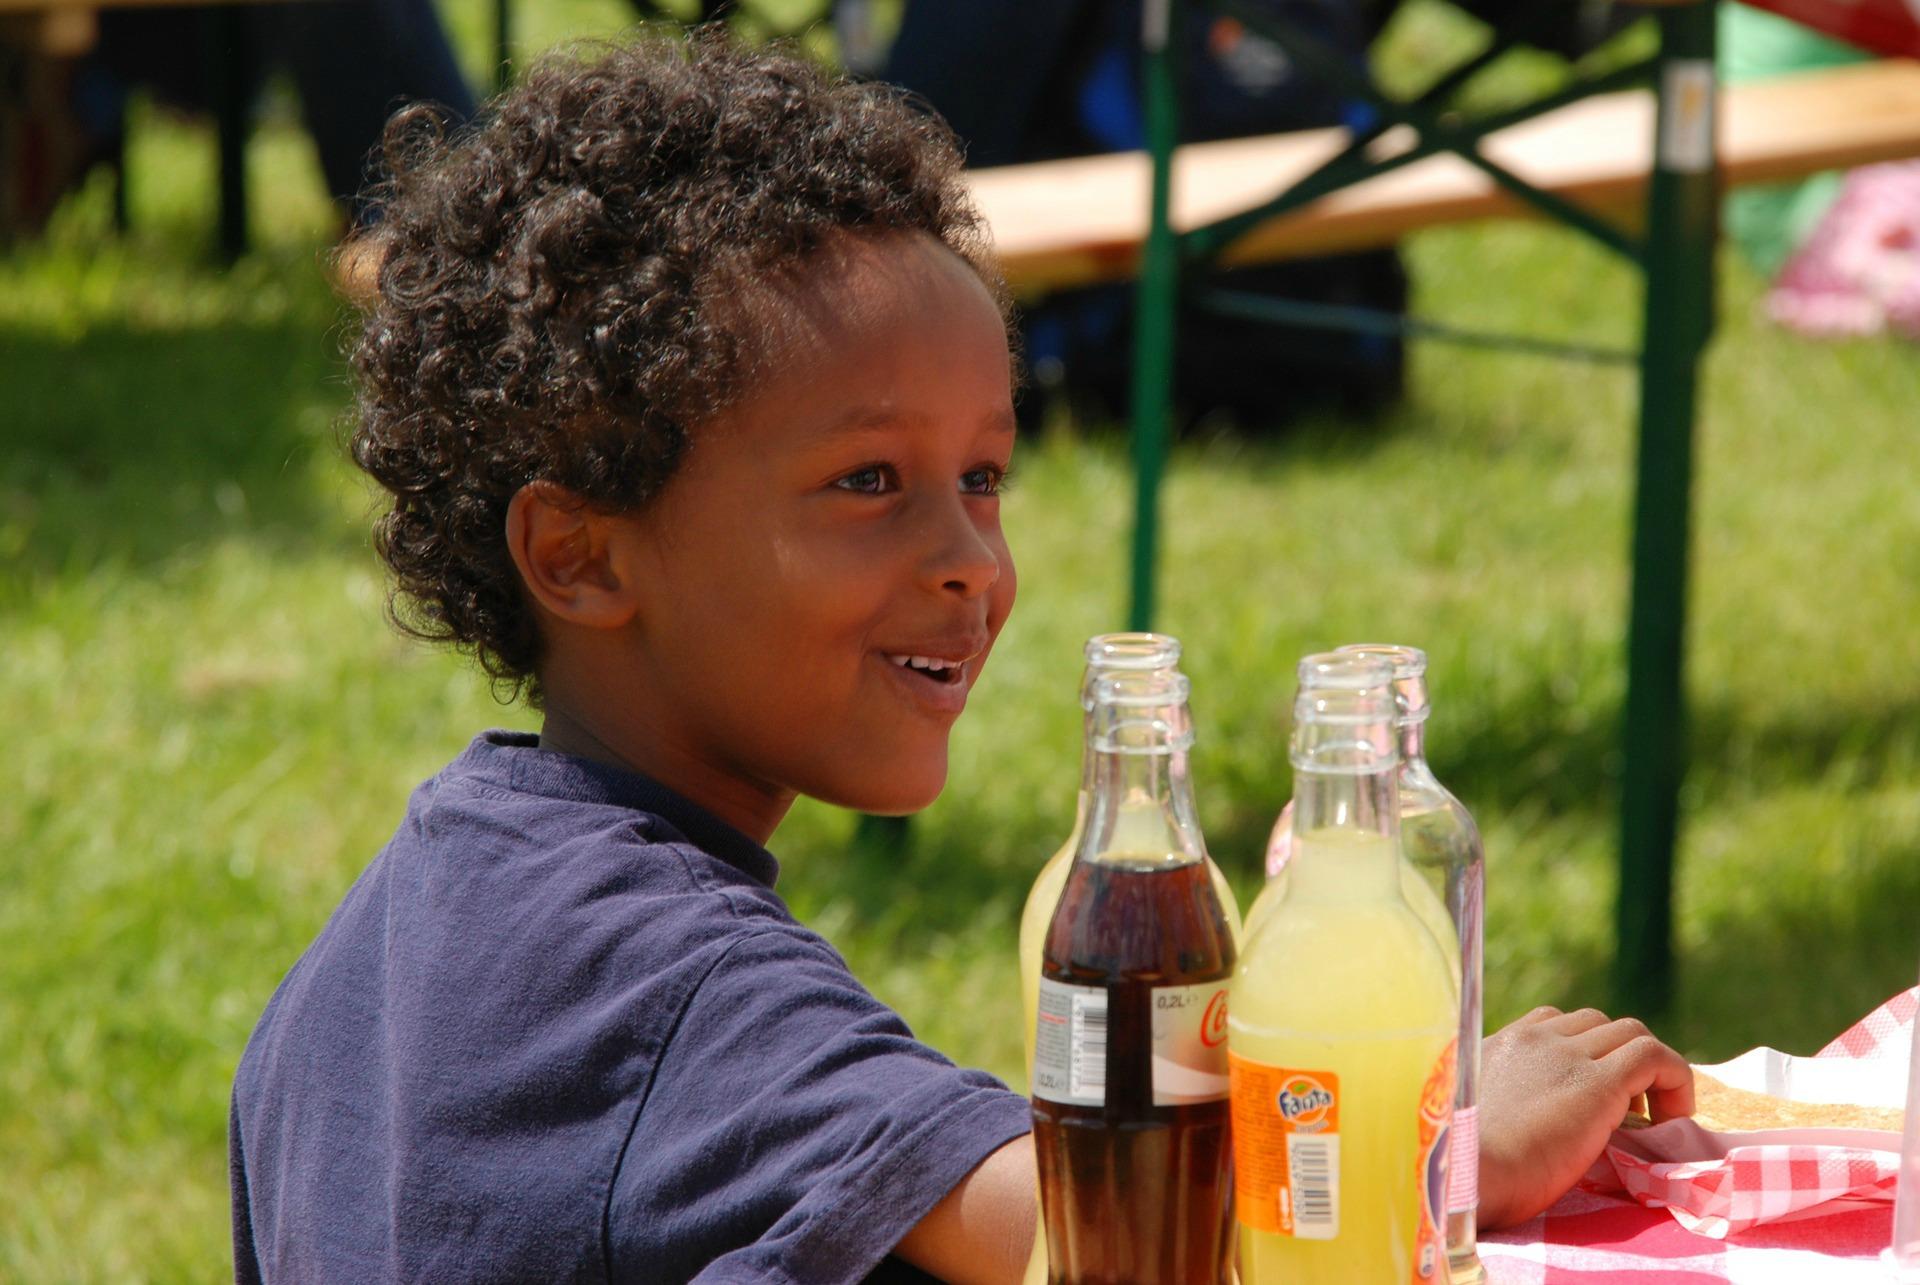 Voedingscentrum wil limonade verbod op scholen-GoodGirlsCompany